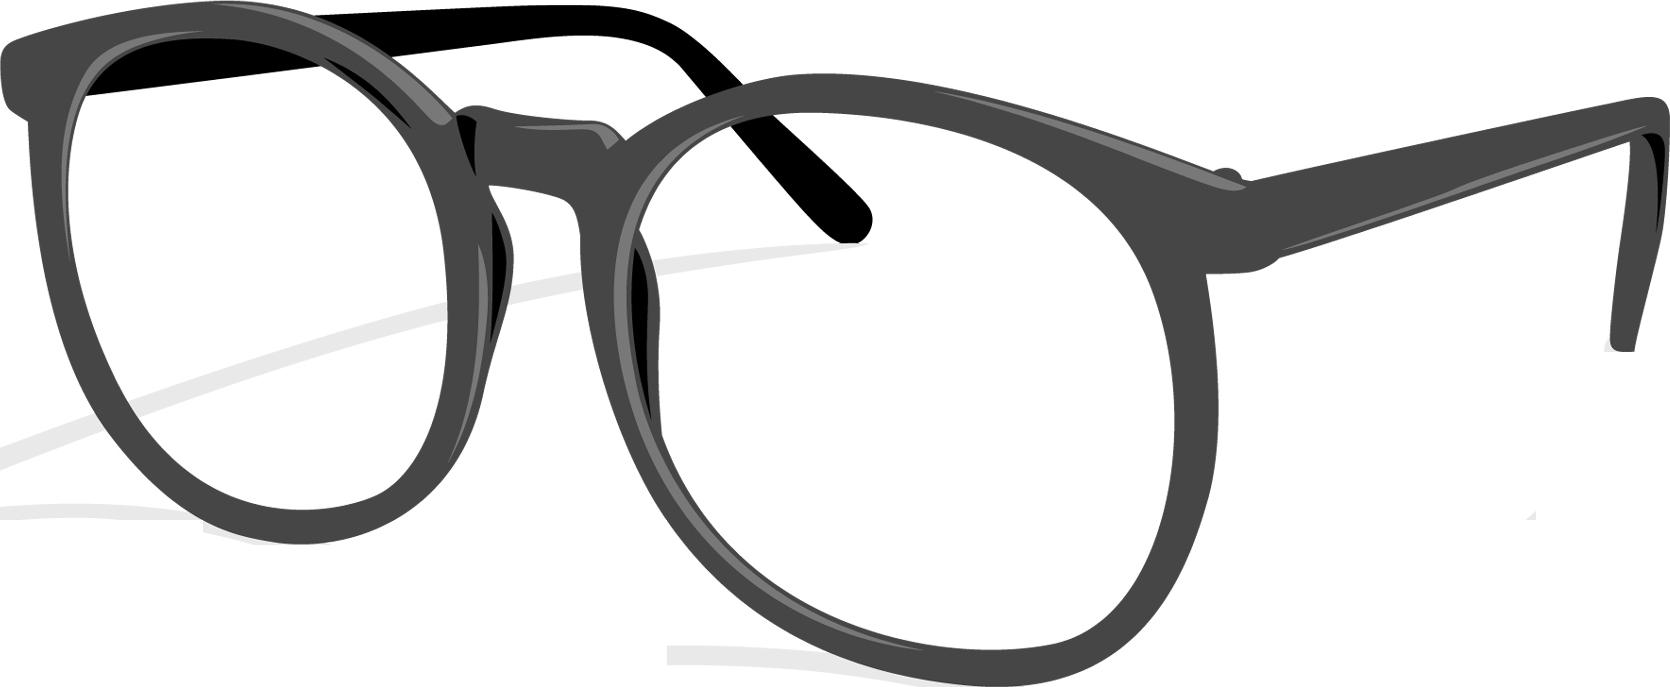 Glasses clipart 5